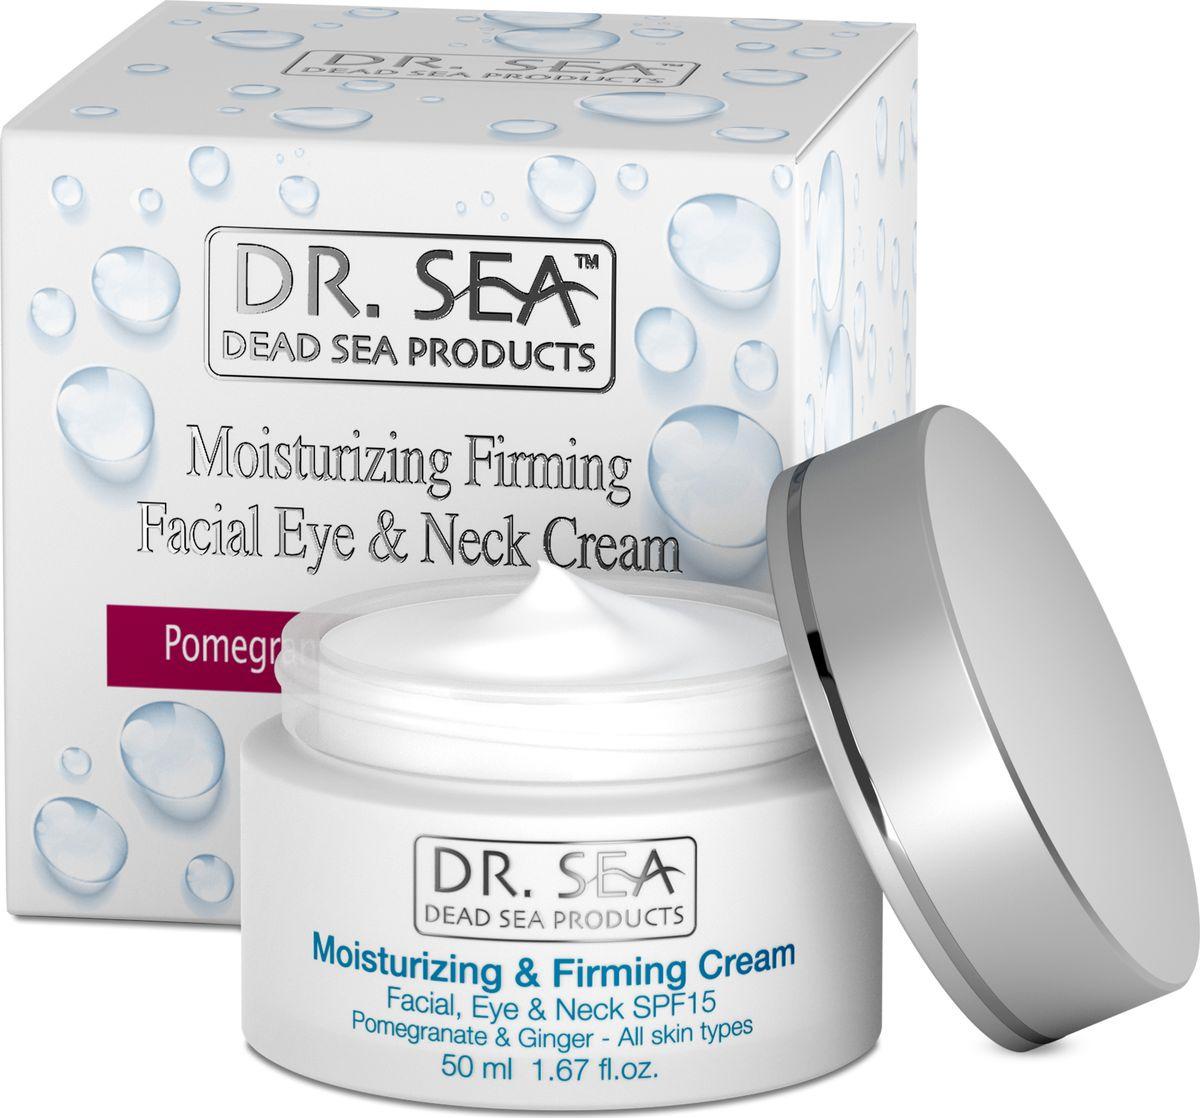 Увлажняющий и укрепляющий крем для лица, глаз и шеи Dr. Sea, с экстрактами граната и имбиря SPF15,для всех типов кожи,50 мл